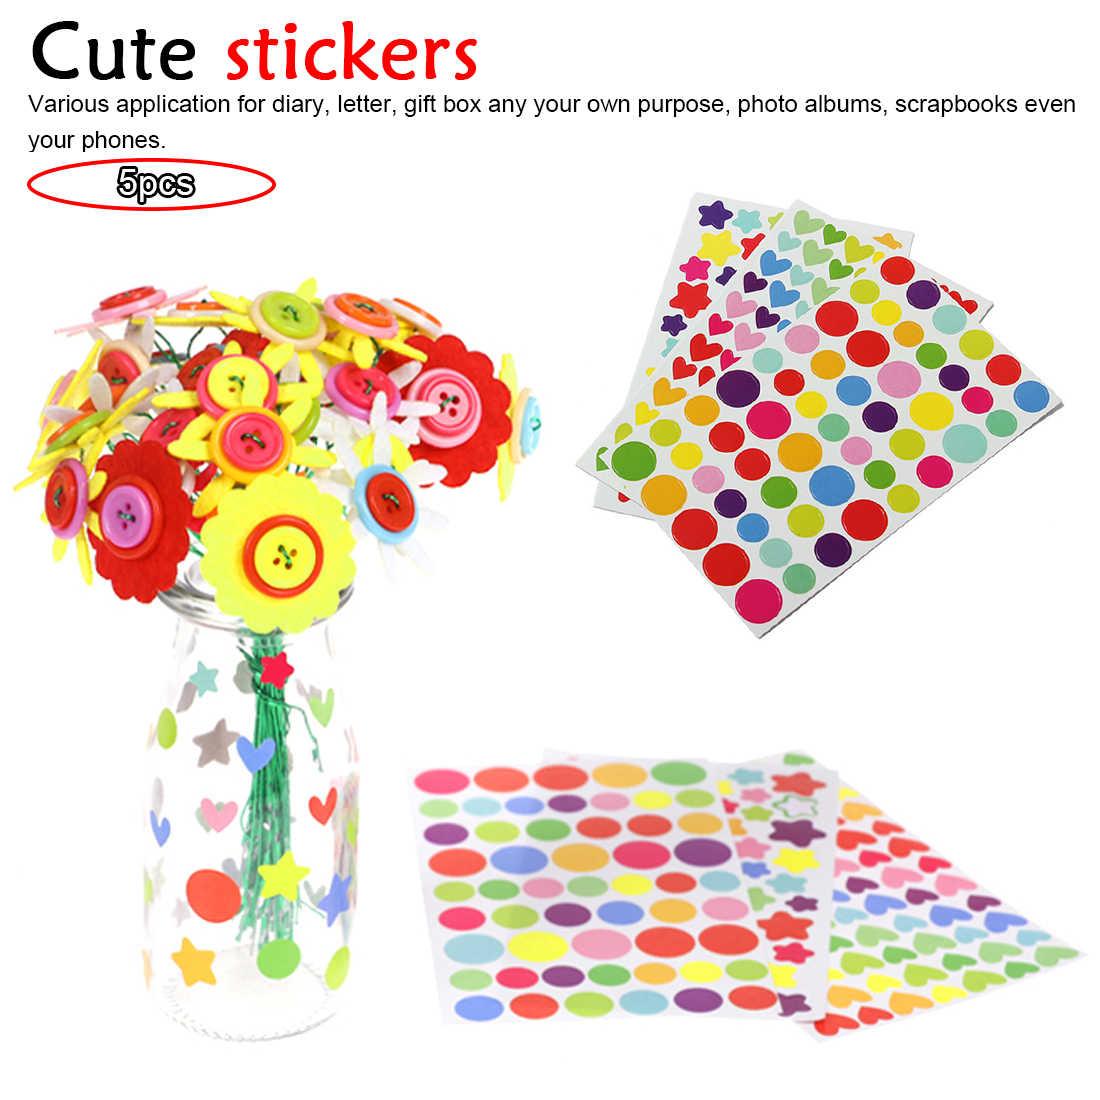 5 個かわいいカラフルなハート型のラウンド五角形ステッカー DIY ノートブックための装飾、子供のおもちゃ